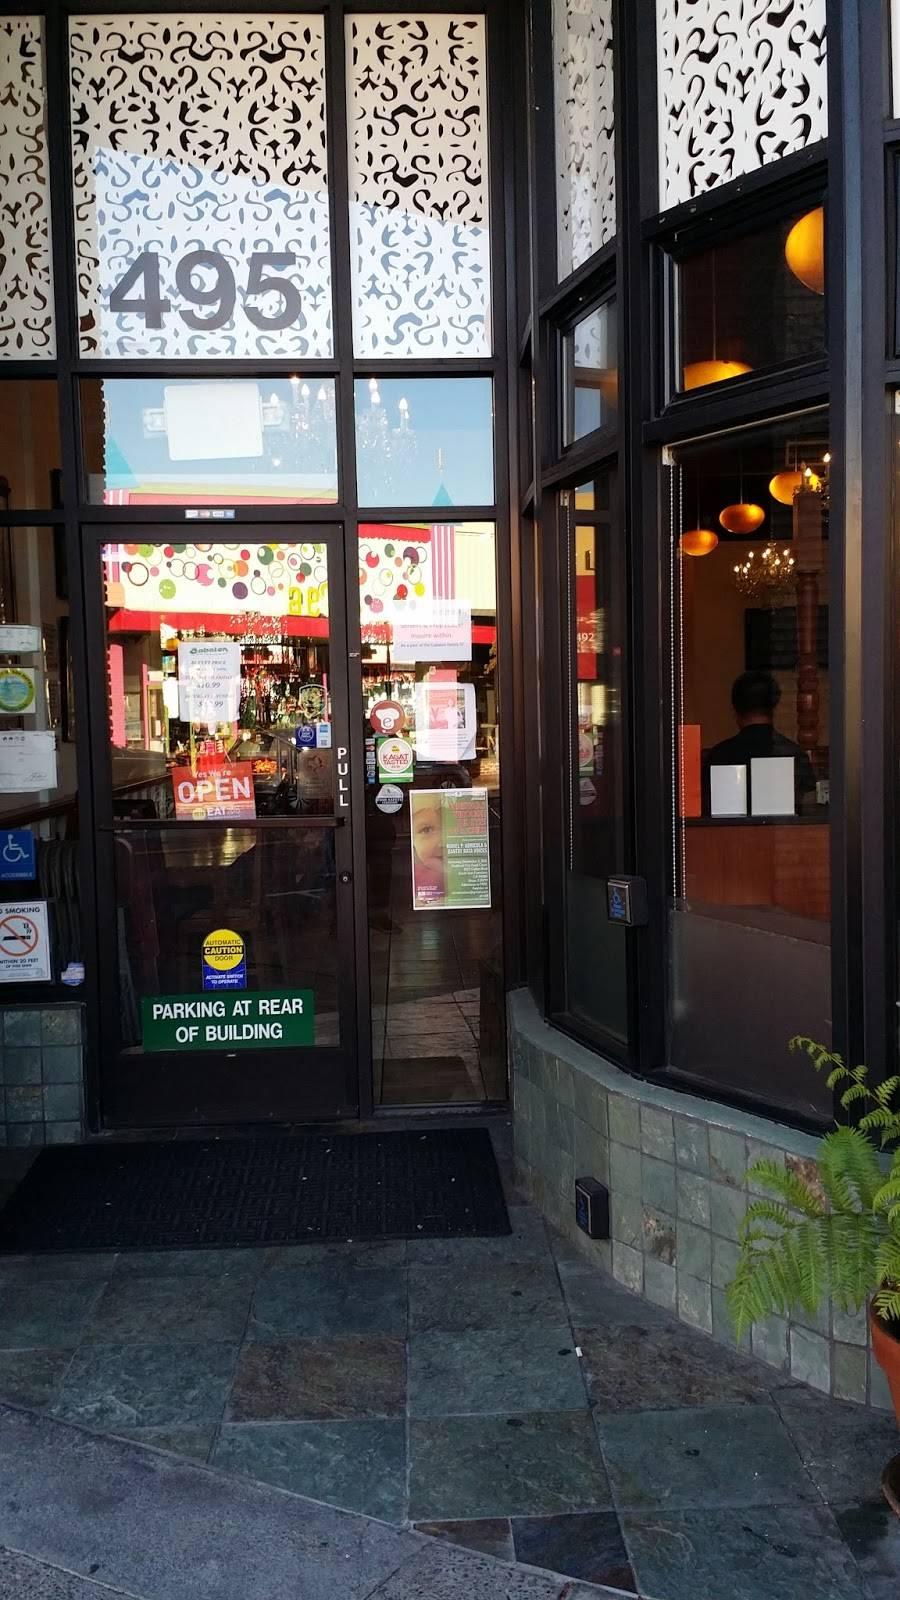 Cabalen | restaurant | 495 San Mateo Ave, San Bruno, CA 94066, USA | 6502259221 OR +1 650-225-9221